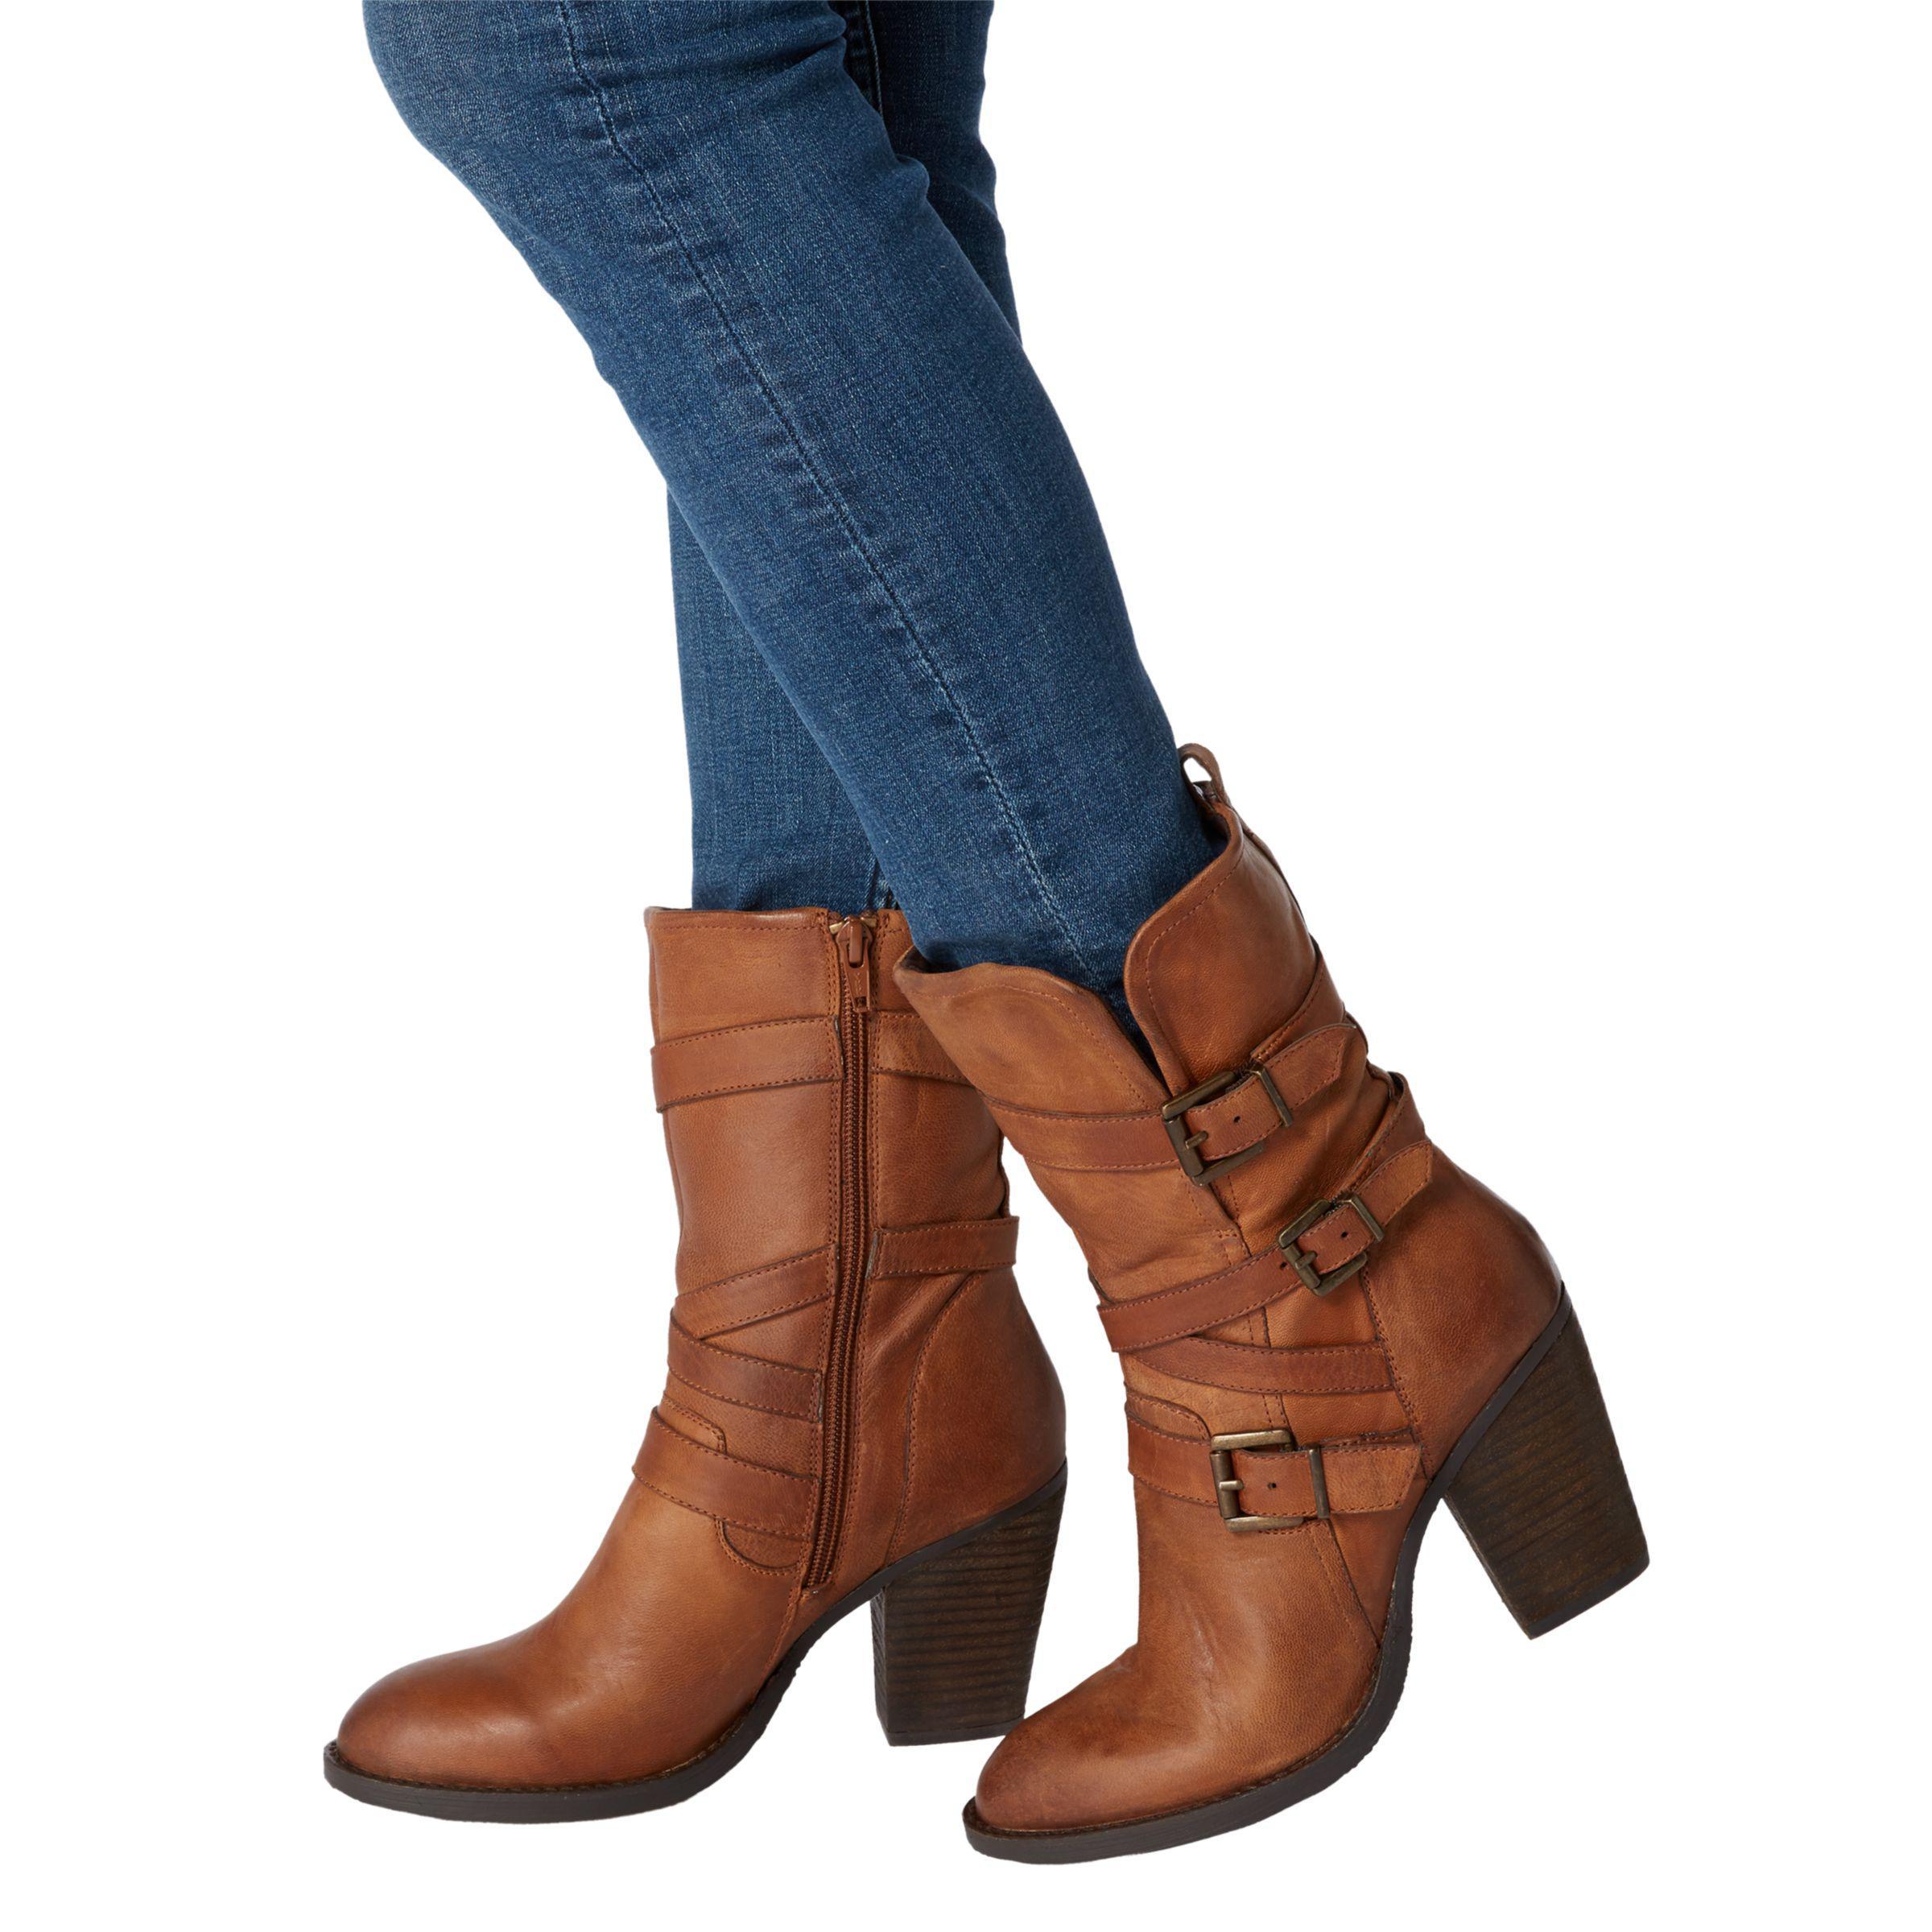 40b4566b256 Steve Madden Wen Block Heeled Calf Boots in Brown - Lyst